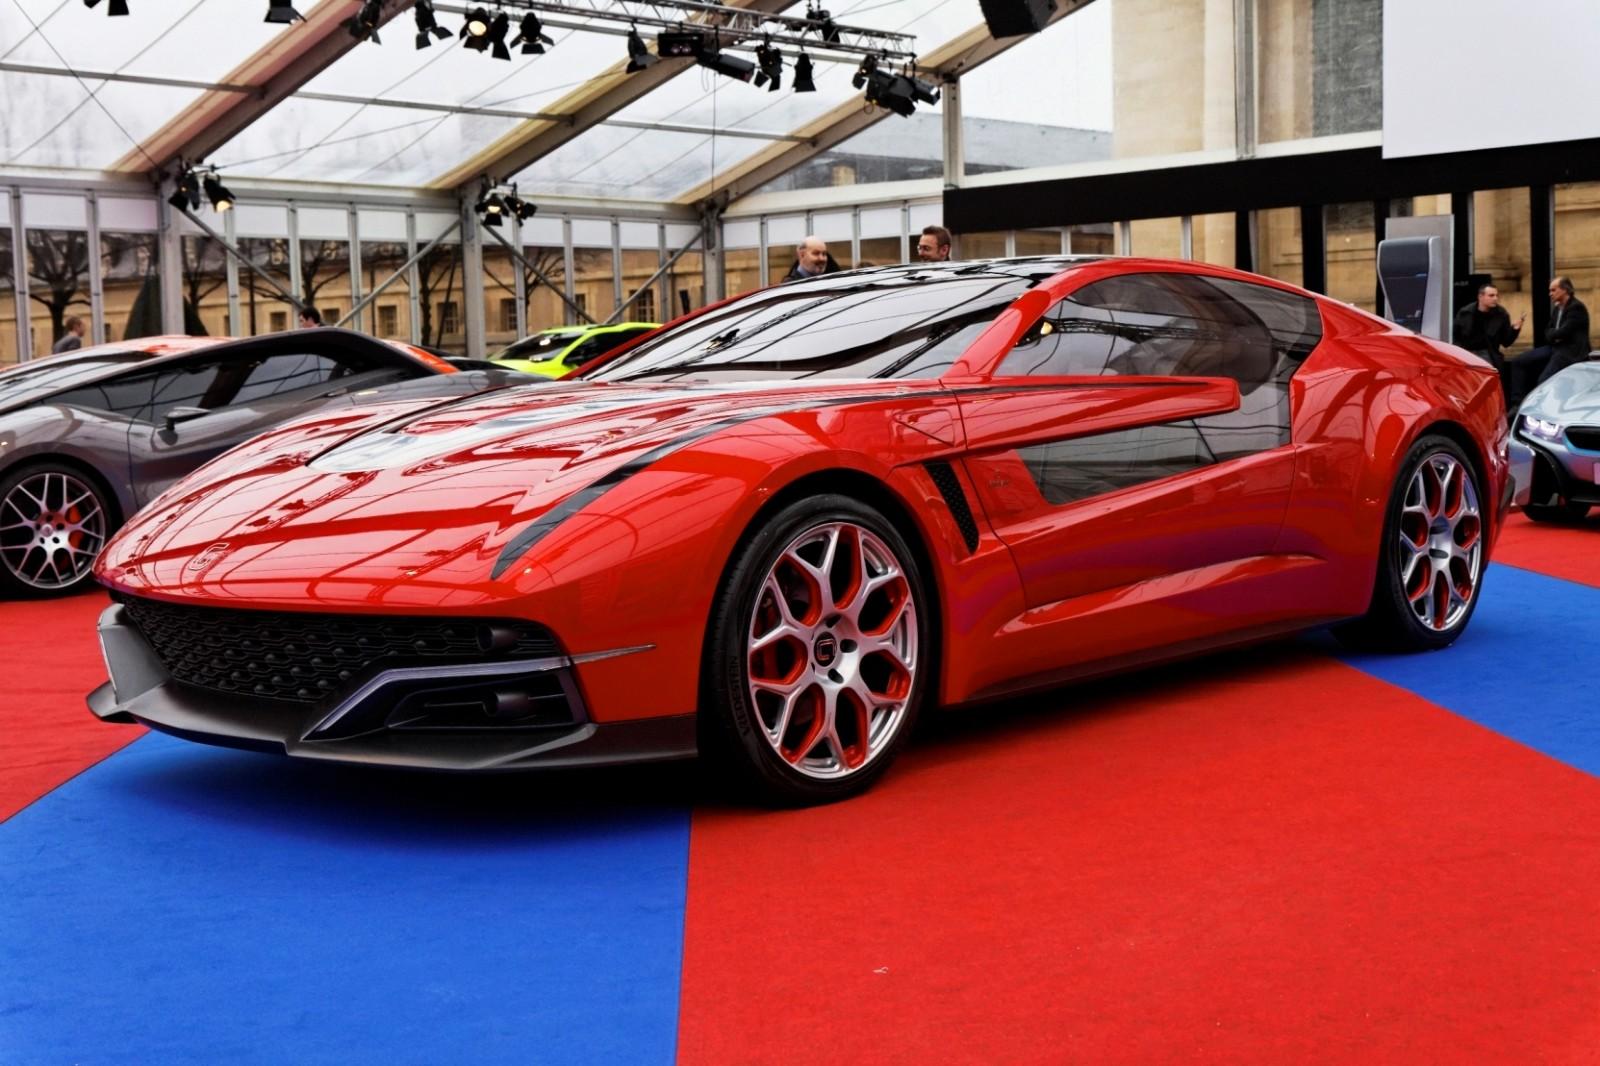 2012 ItalDesign Giugiaro BRIVIDO Concept 53